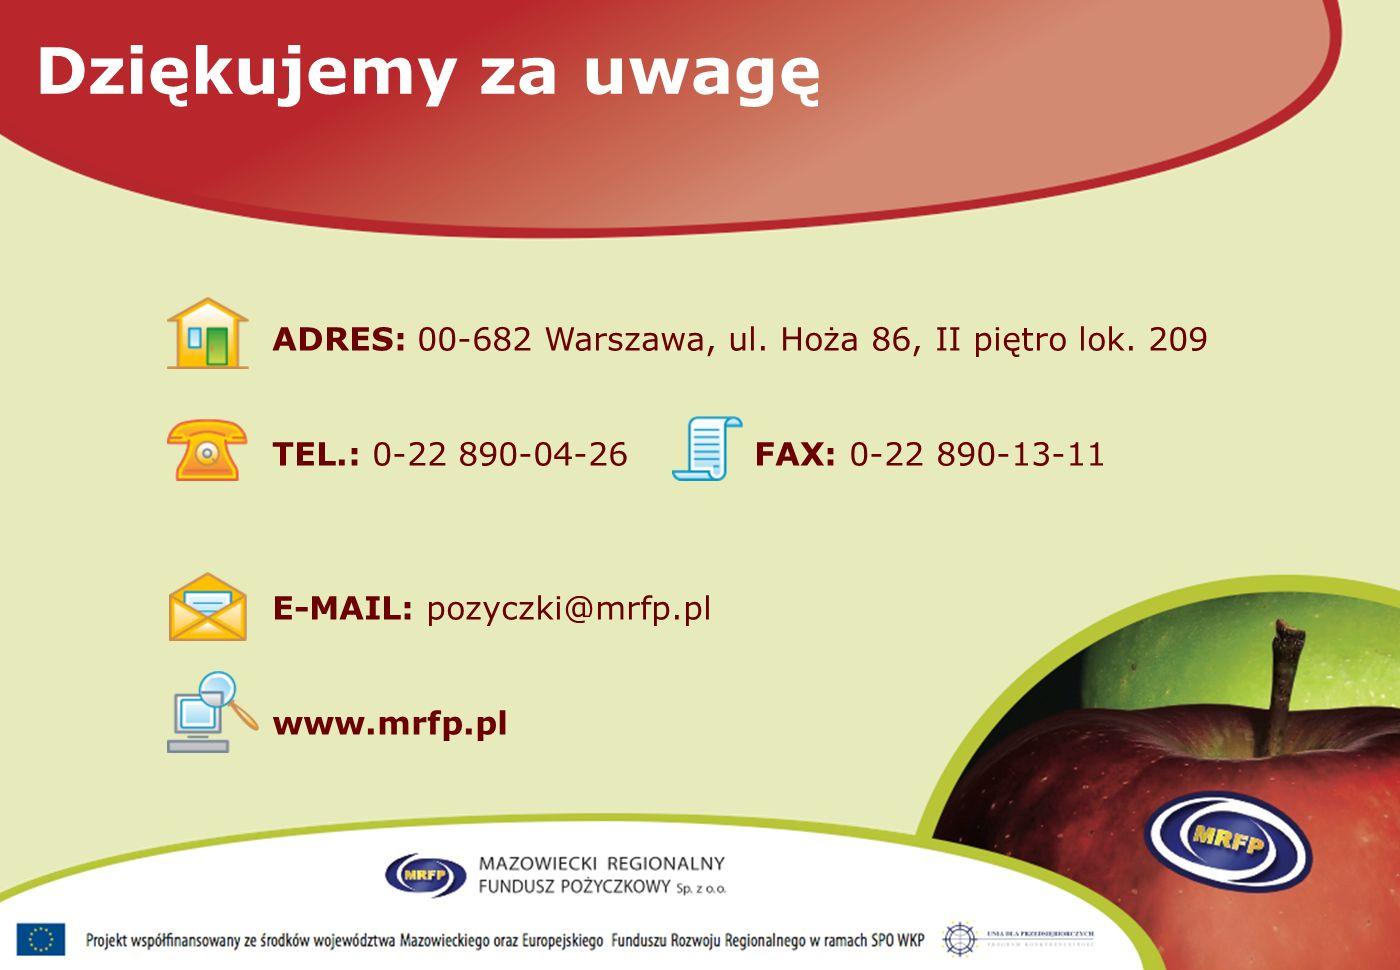 ADRES: 00-682 Warszawa, ul. Hoża 86, II piętro lok.